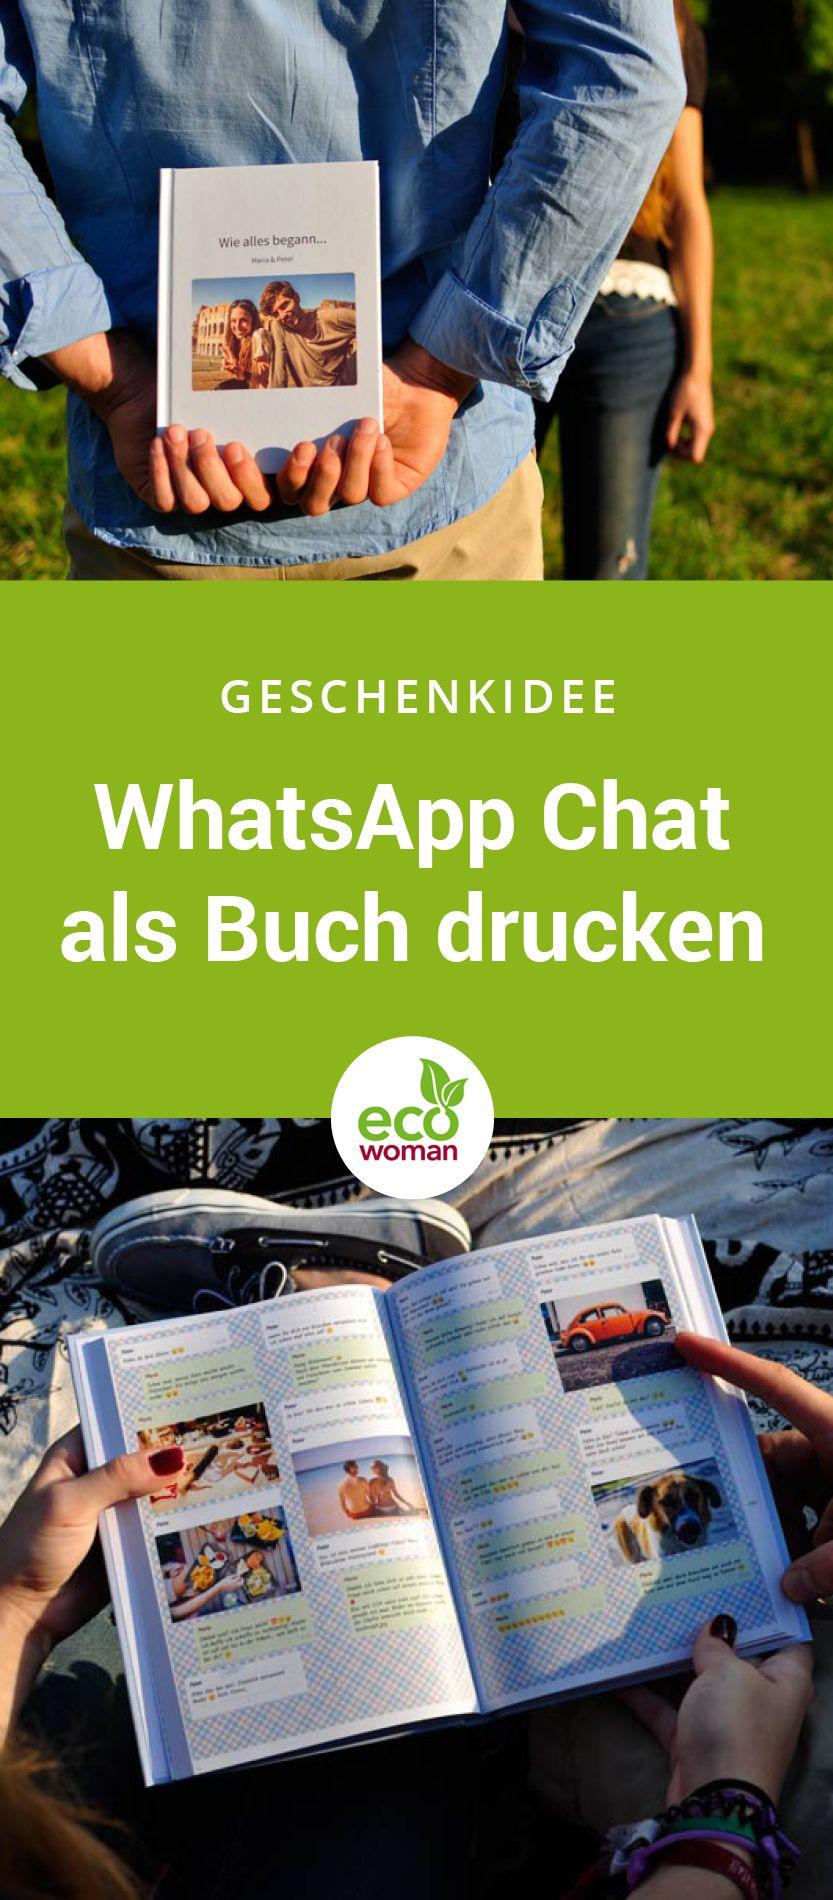 Lass euren schönsten oder witzigsten WhatsApp Chat als Buch drucken. Auch ideal als Geschenk zum Valentinstag. #whatsapp #whatsappbuch #whatsappdrucken #geschenkidee #geschenk #valentinstag